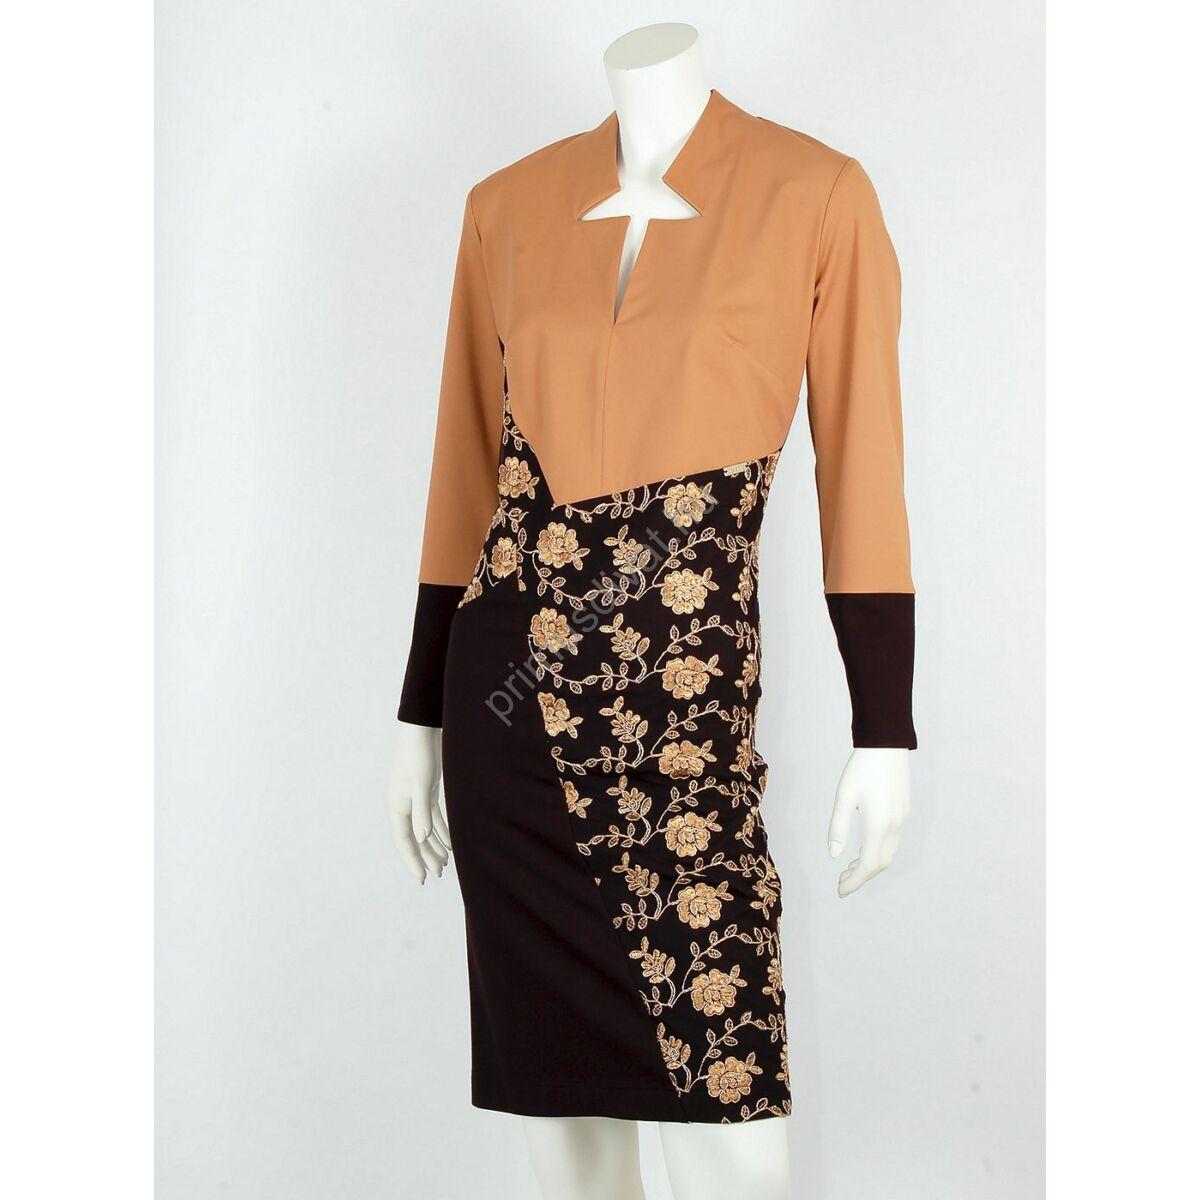 Mystic Day cikk-cakk nyakkivágású, arany hímzett mintás drapp-fekete molett Annaliza ruha, jó tartású rugalmas anyagból. Hátán rejtett cipzárral záródik.